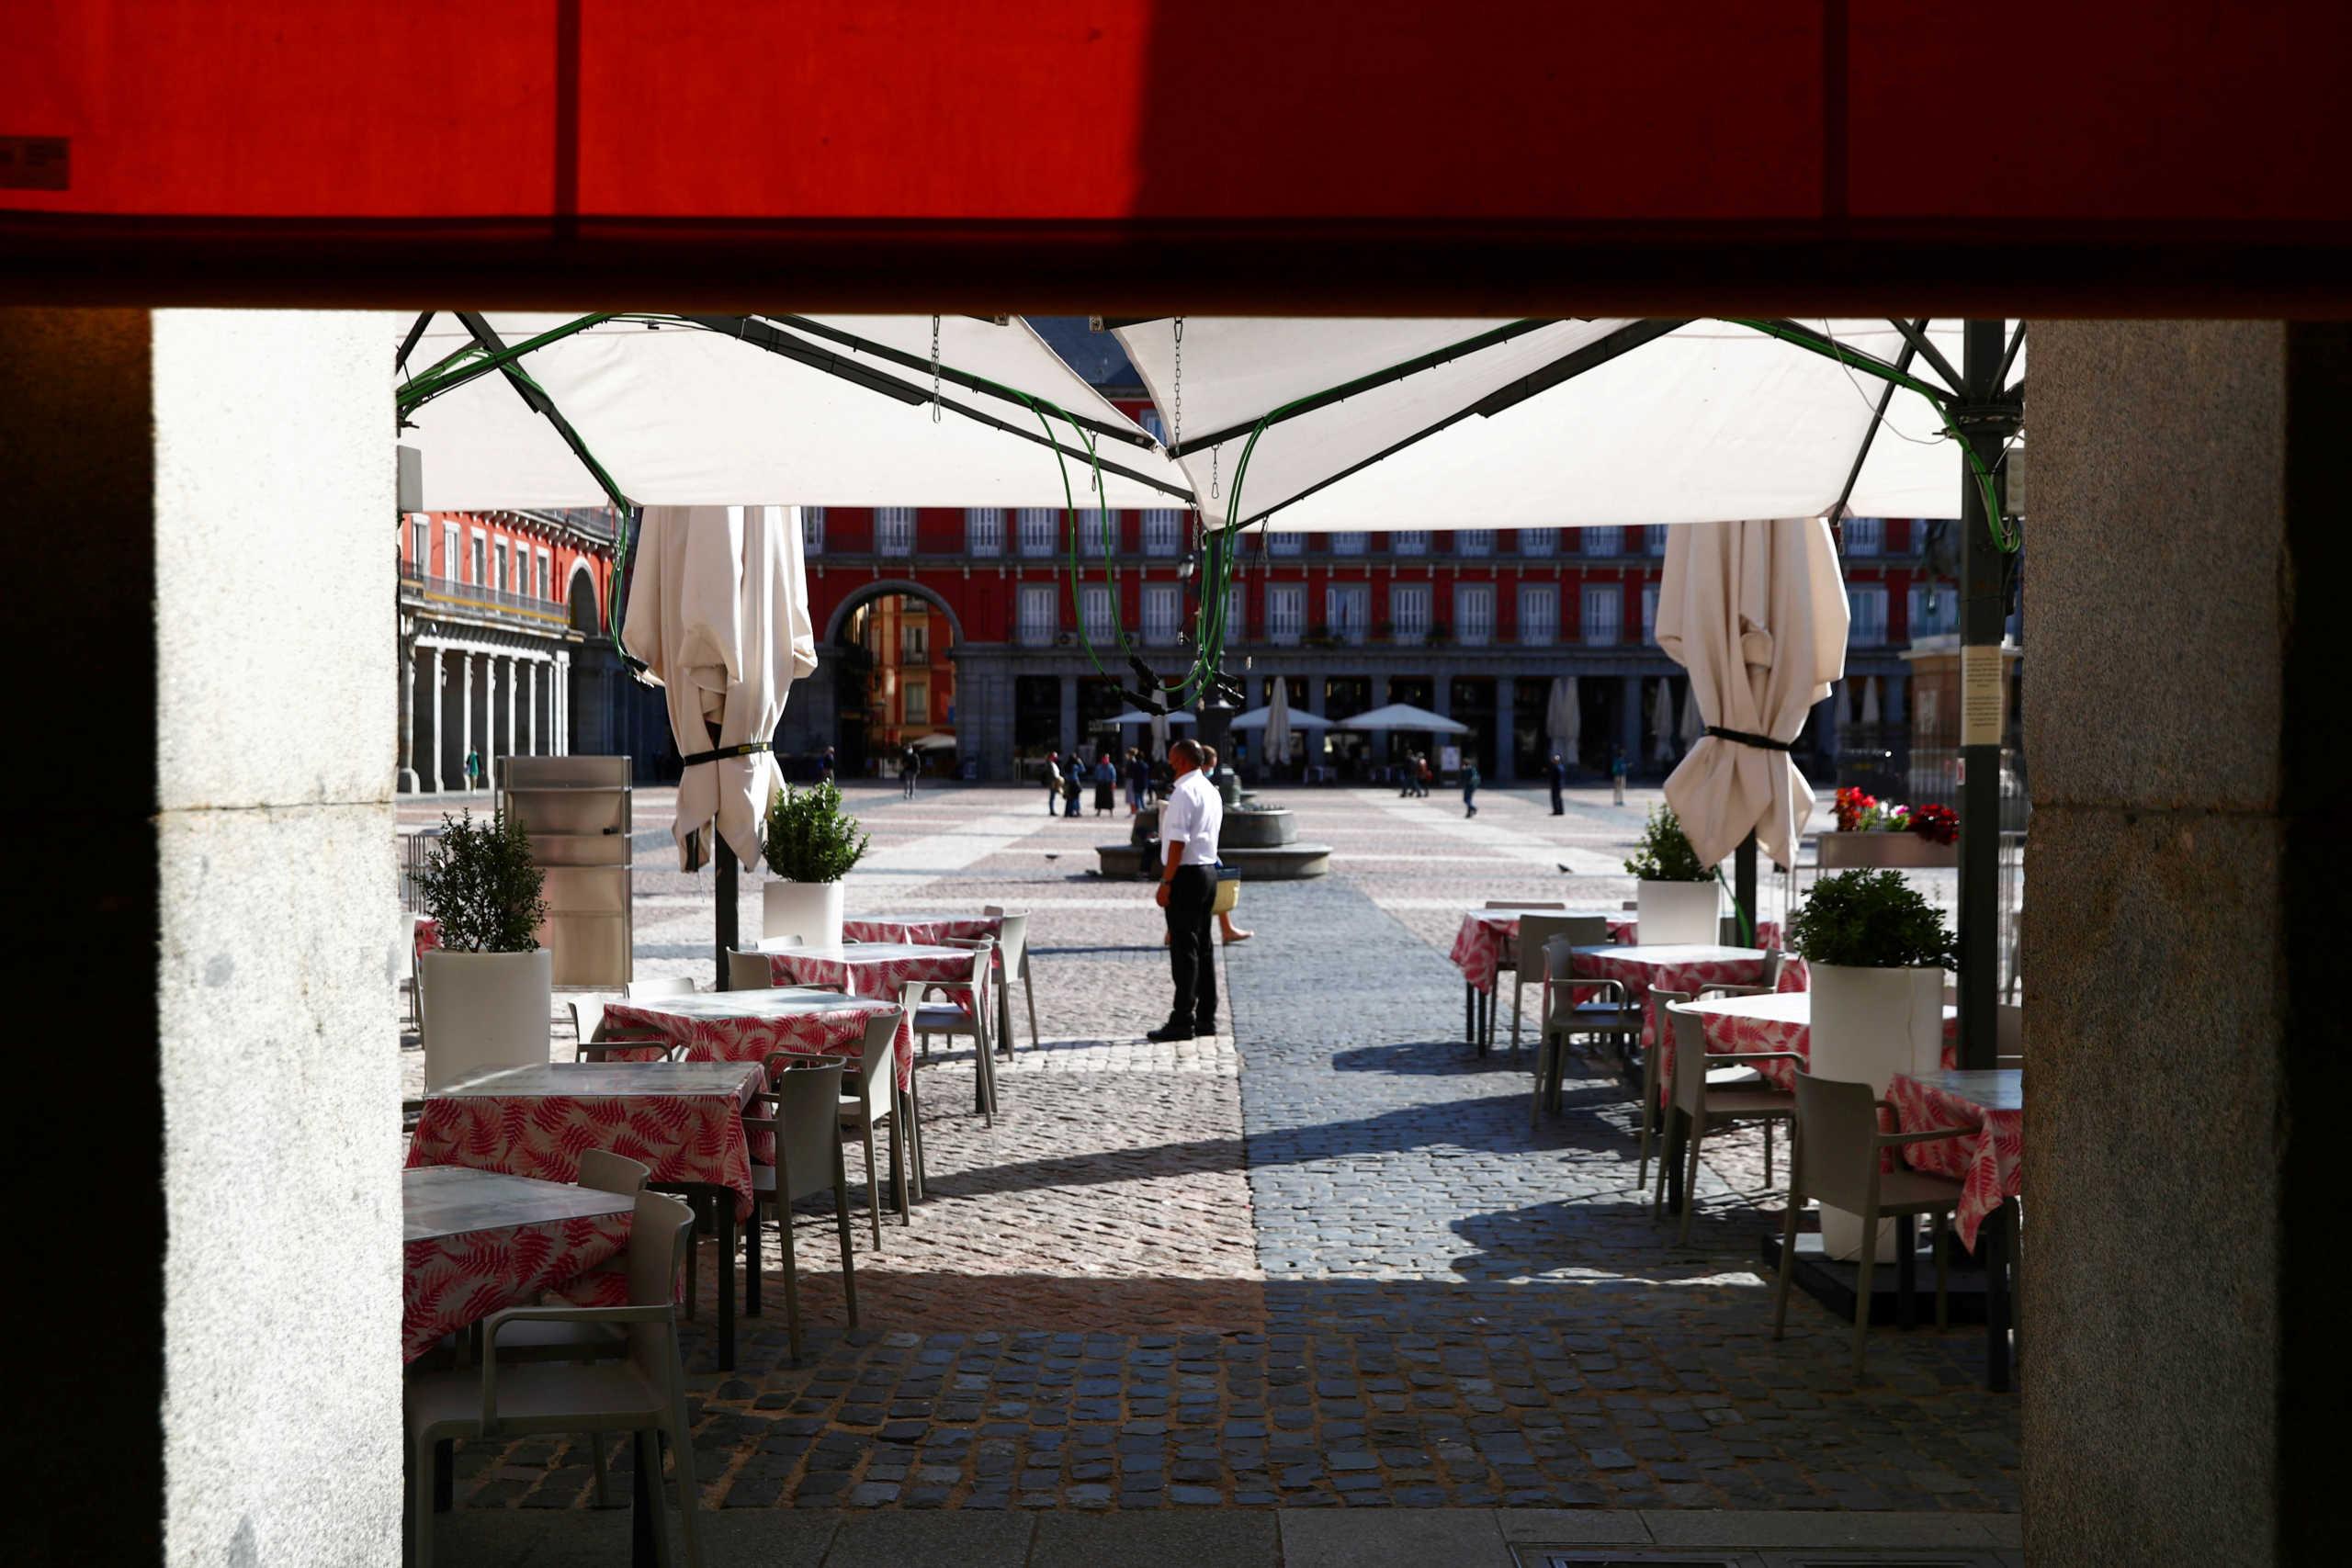 Κορονοϊός: Σε lockdown από το βράδυ της Παρασκευής η Μαδρίτη